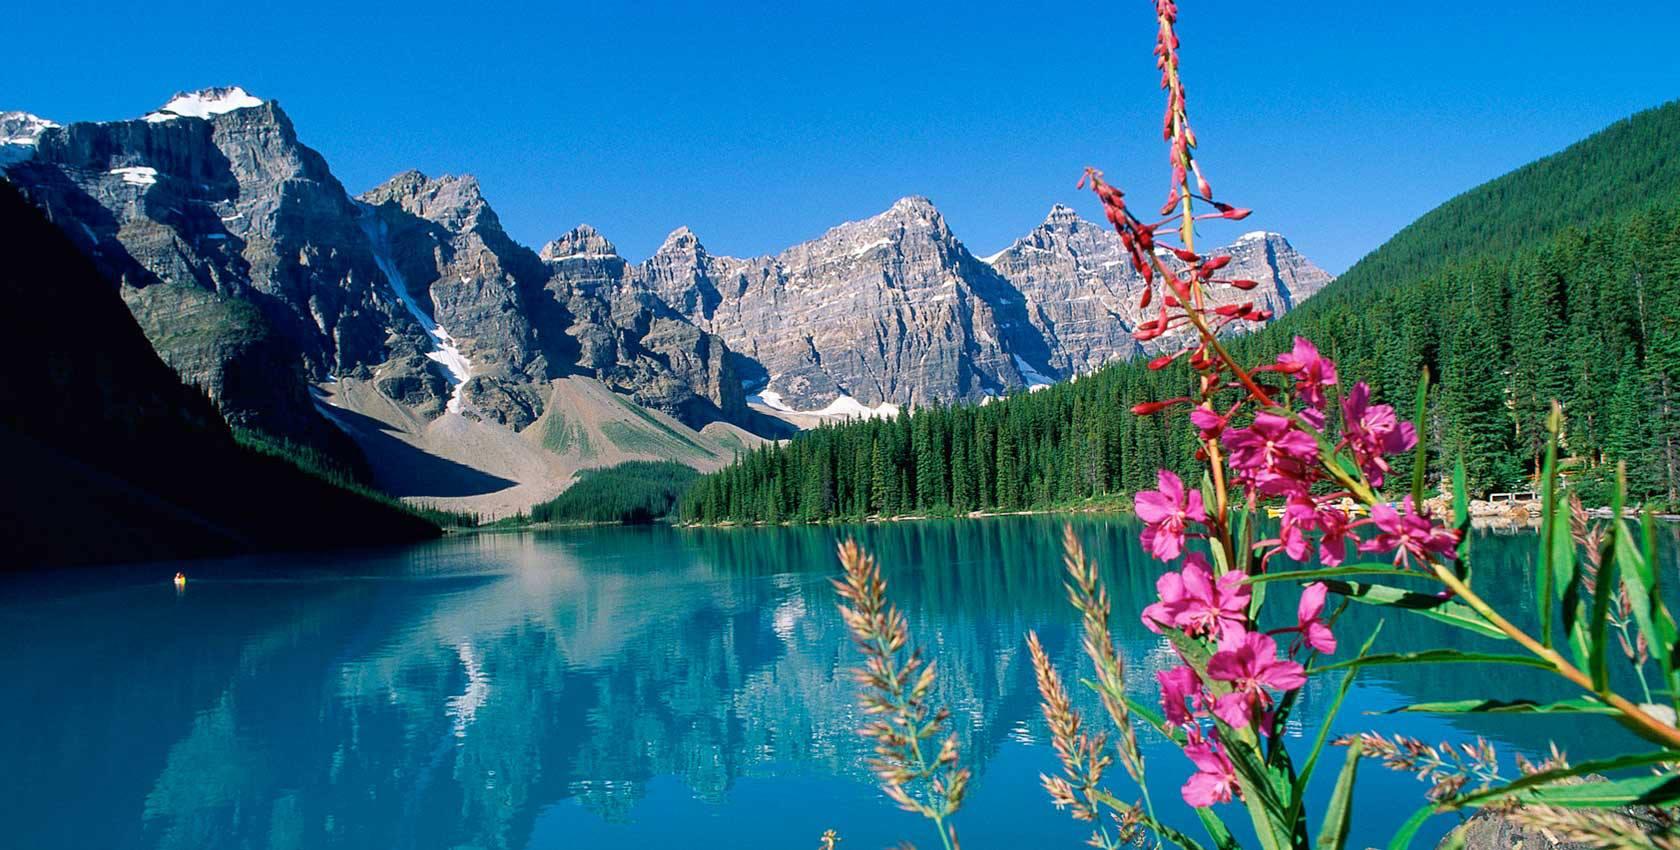 بالصور صور خلفيات رائعة من الطبيعة صور لجمال الطبيعة صور خلفيات الطبيعة الخلابة , بوستات للمناظر الحلوة 3969 4